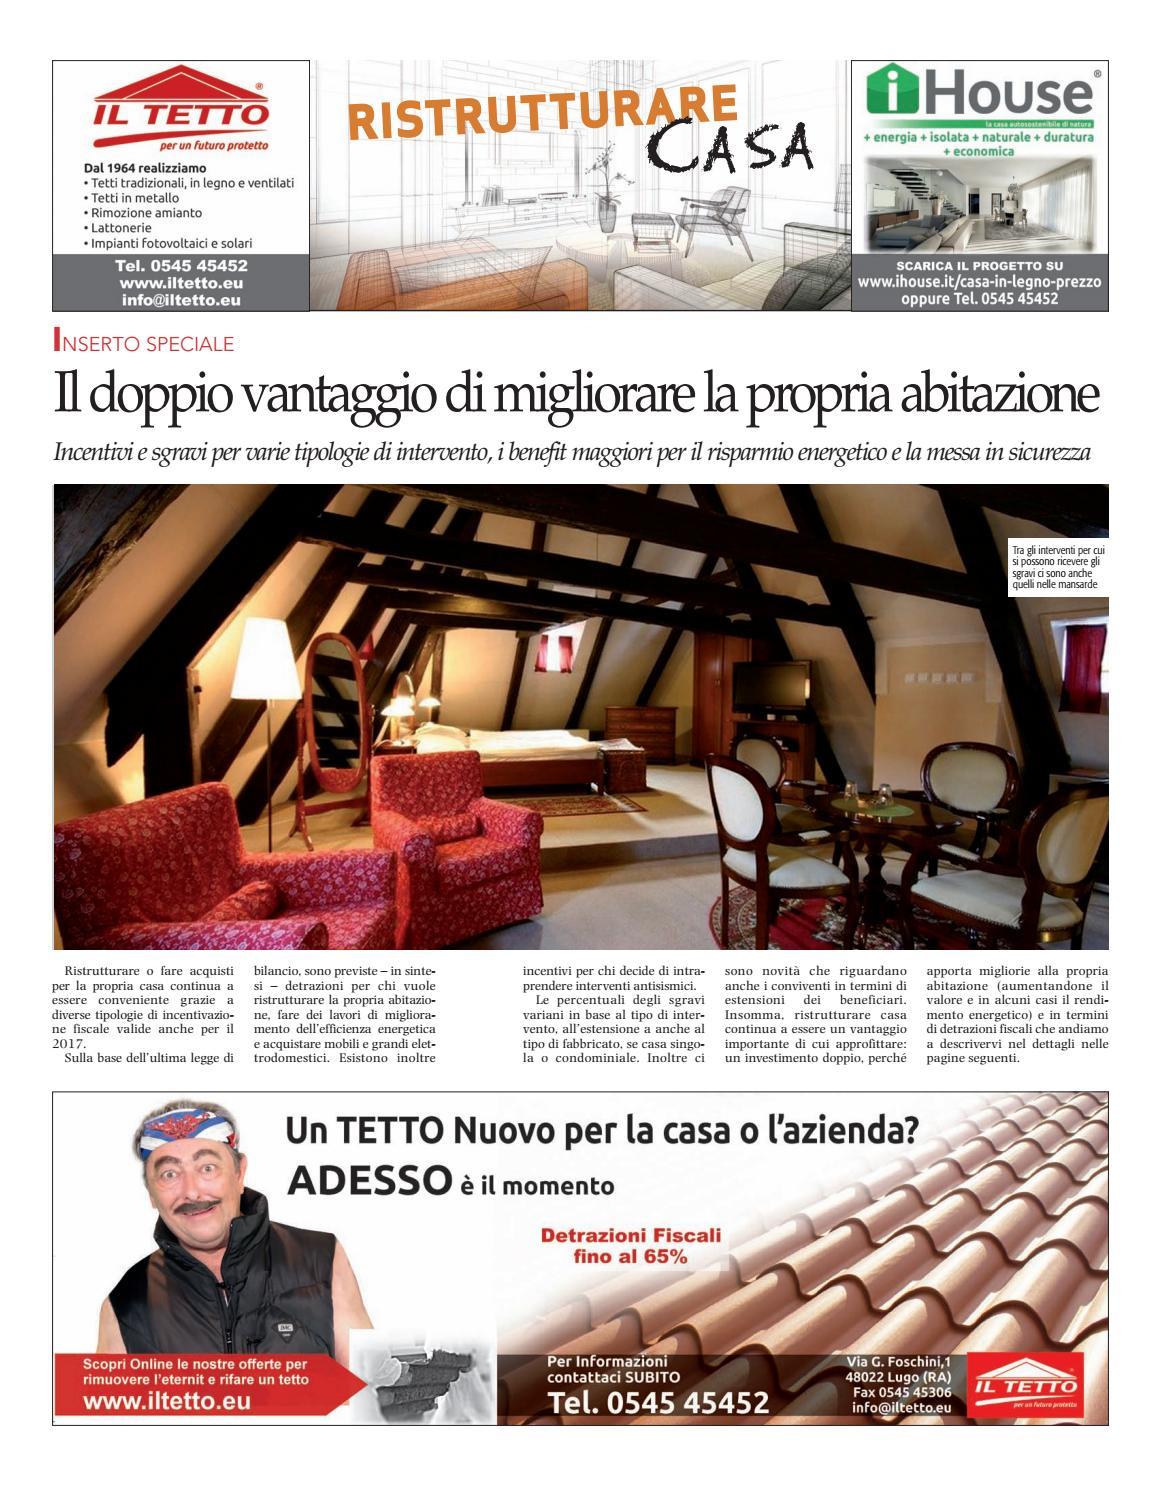 Detrazione Tinteggiatura Interna 2016 inserto ristrutturare casa rd 13 04 17 by reclam edizioni e